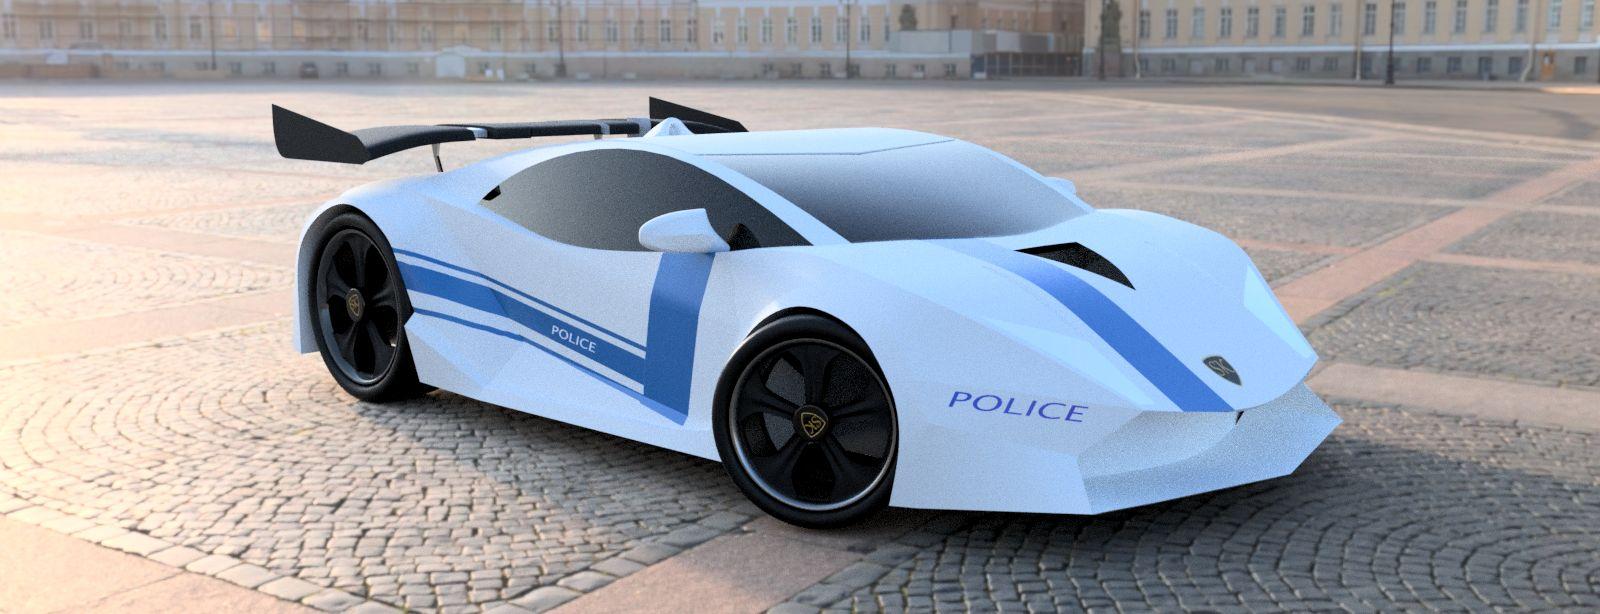 Concept-car-2-v23-3500-3500